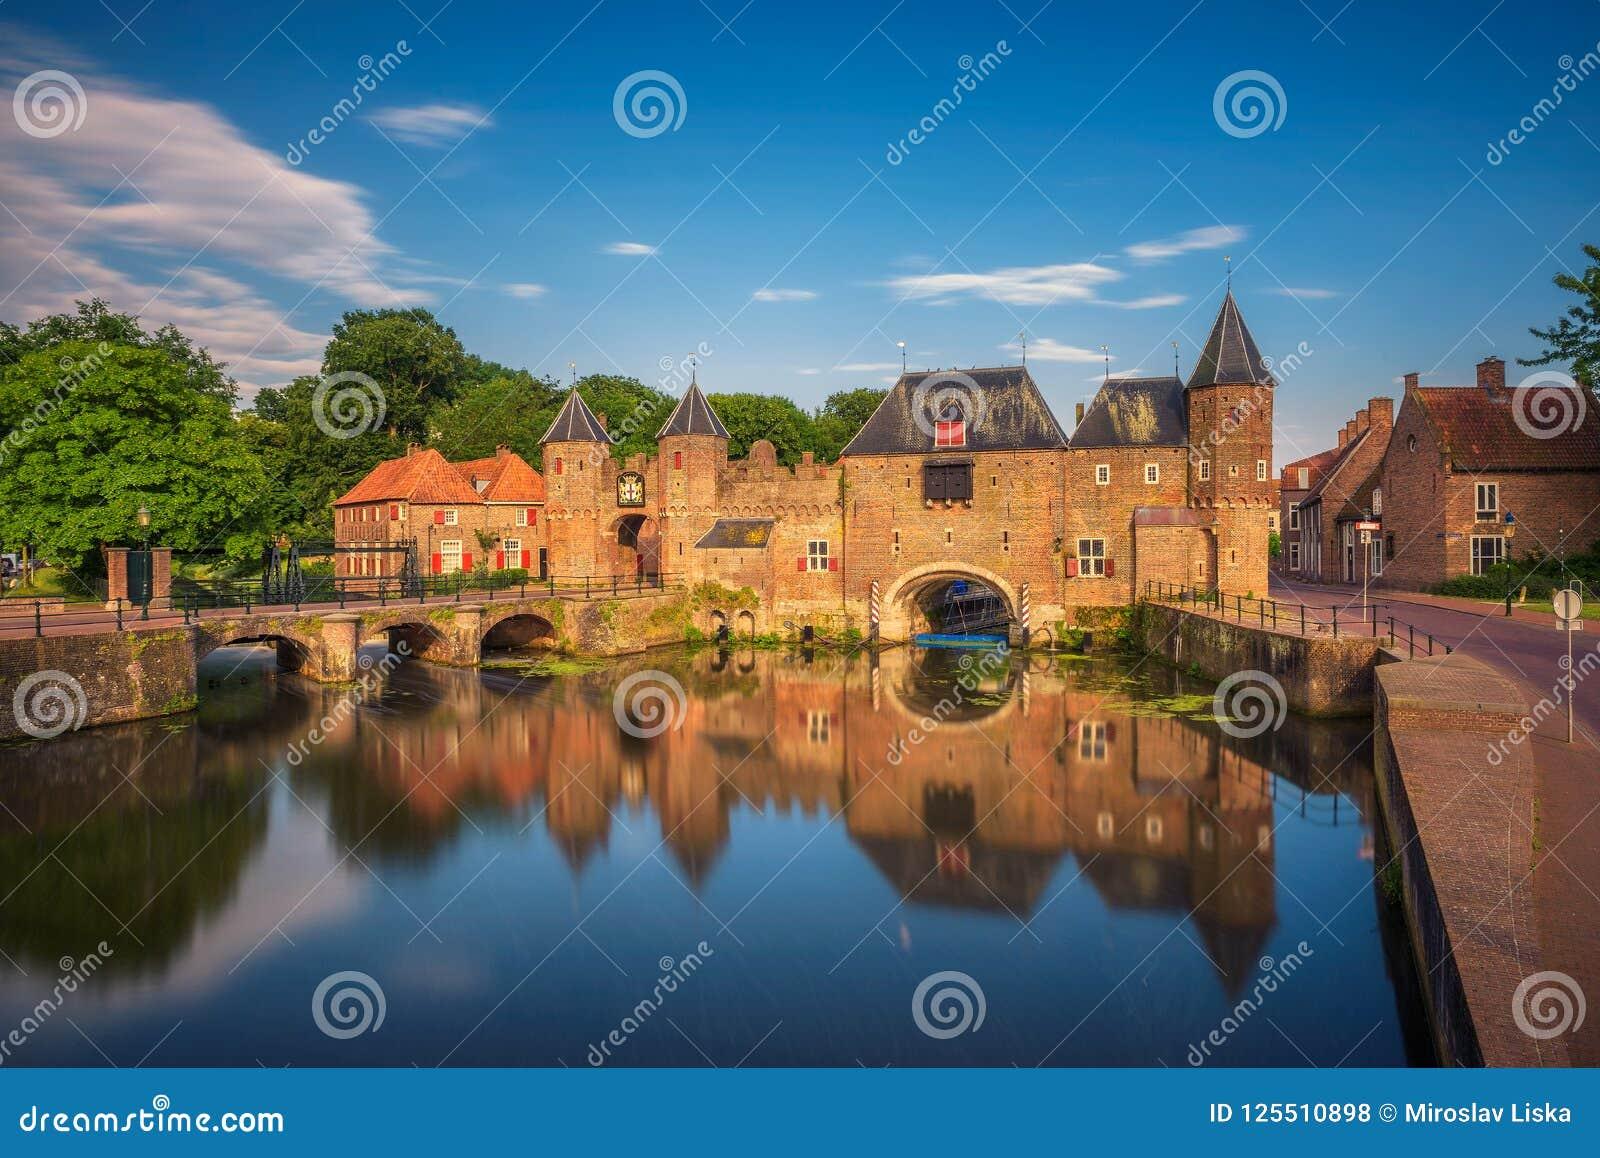 Μεσαιωνική πόλης πύλη σε Amersfoort, Κάτω Χώρες